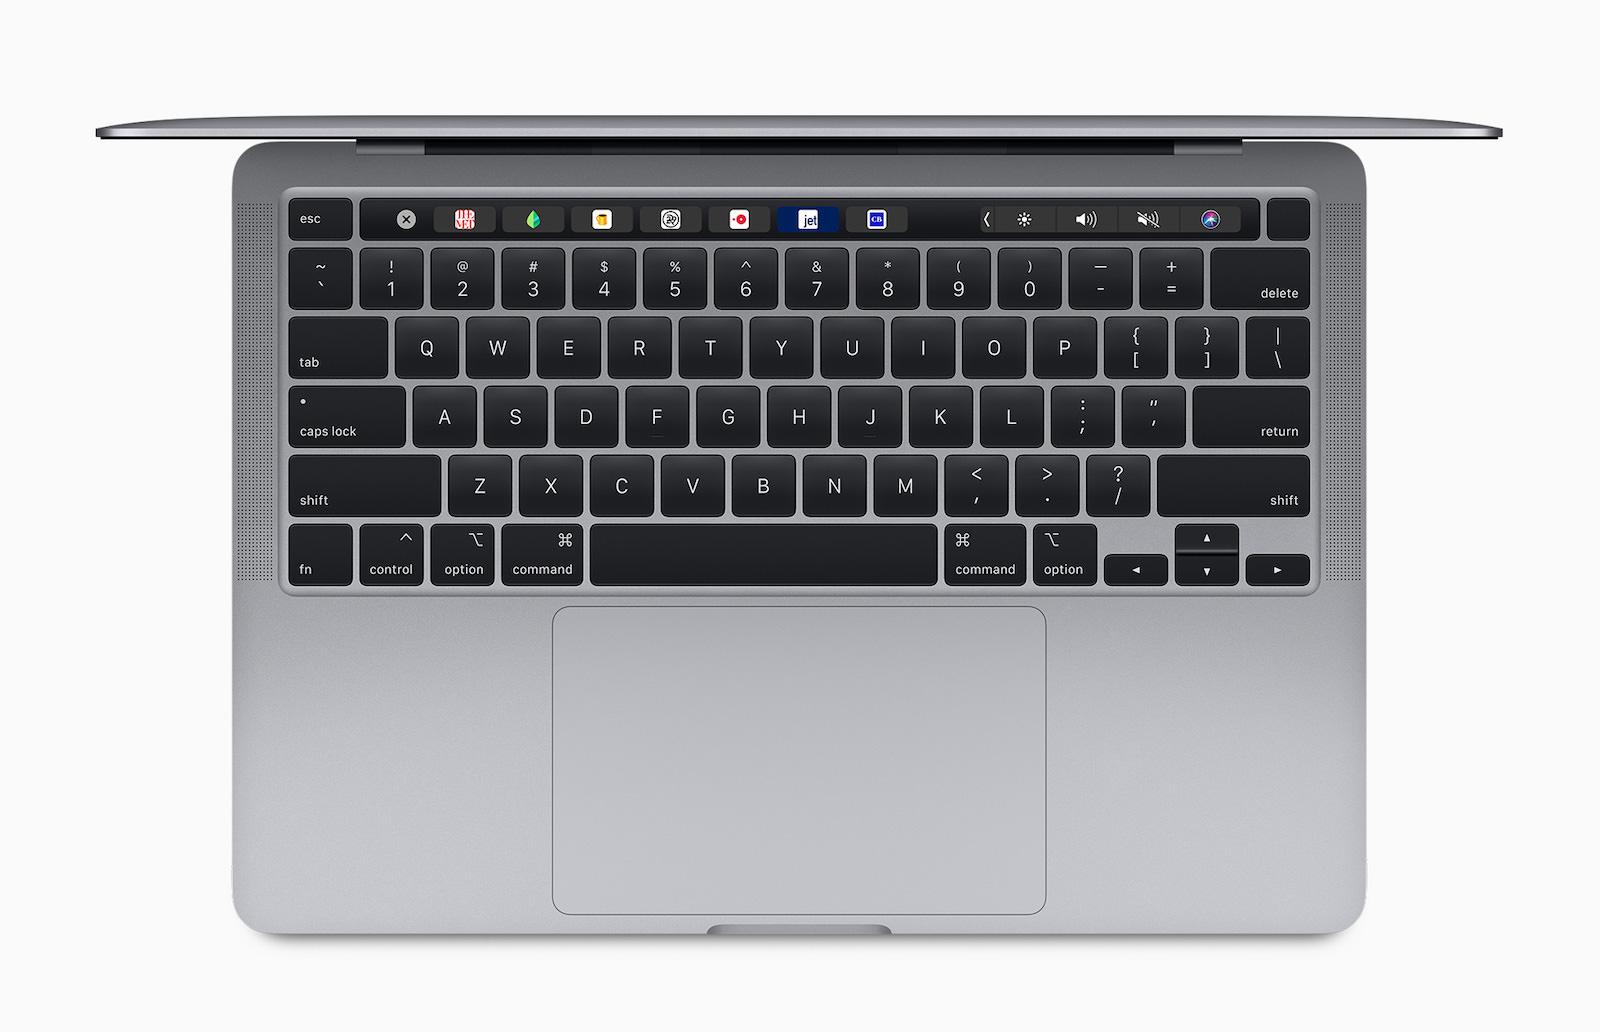 MacBook Pro 13inch keyboard